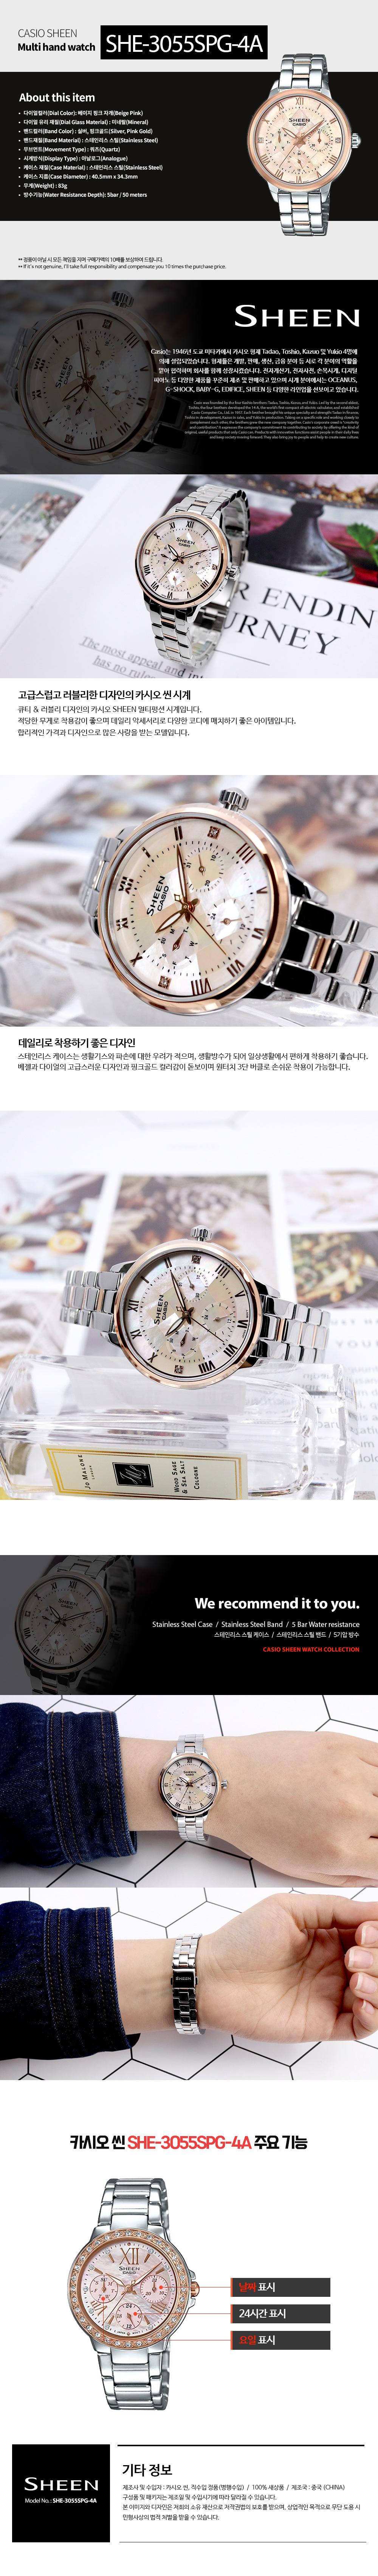 카시오(CASIO) SHE-3055SPG-4A 여성 메탈밴드 시계